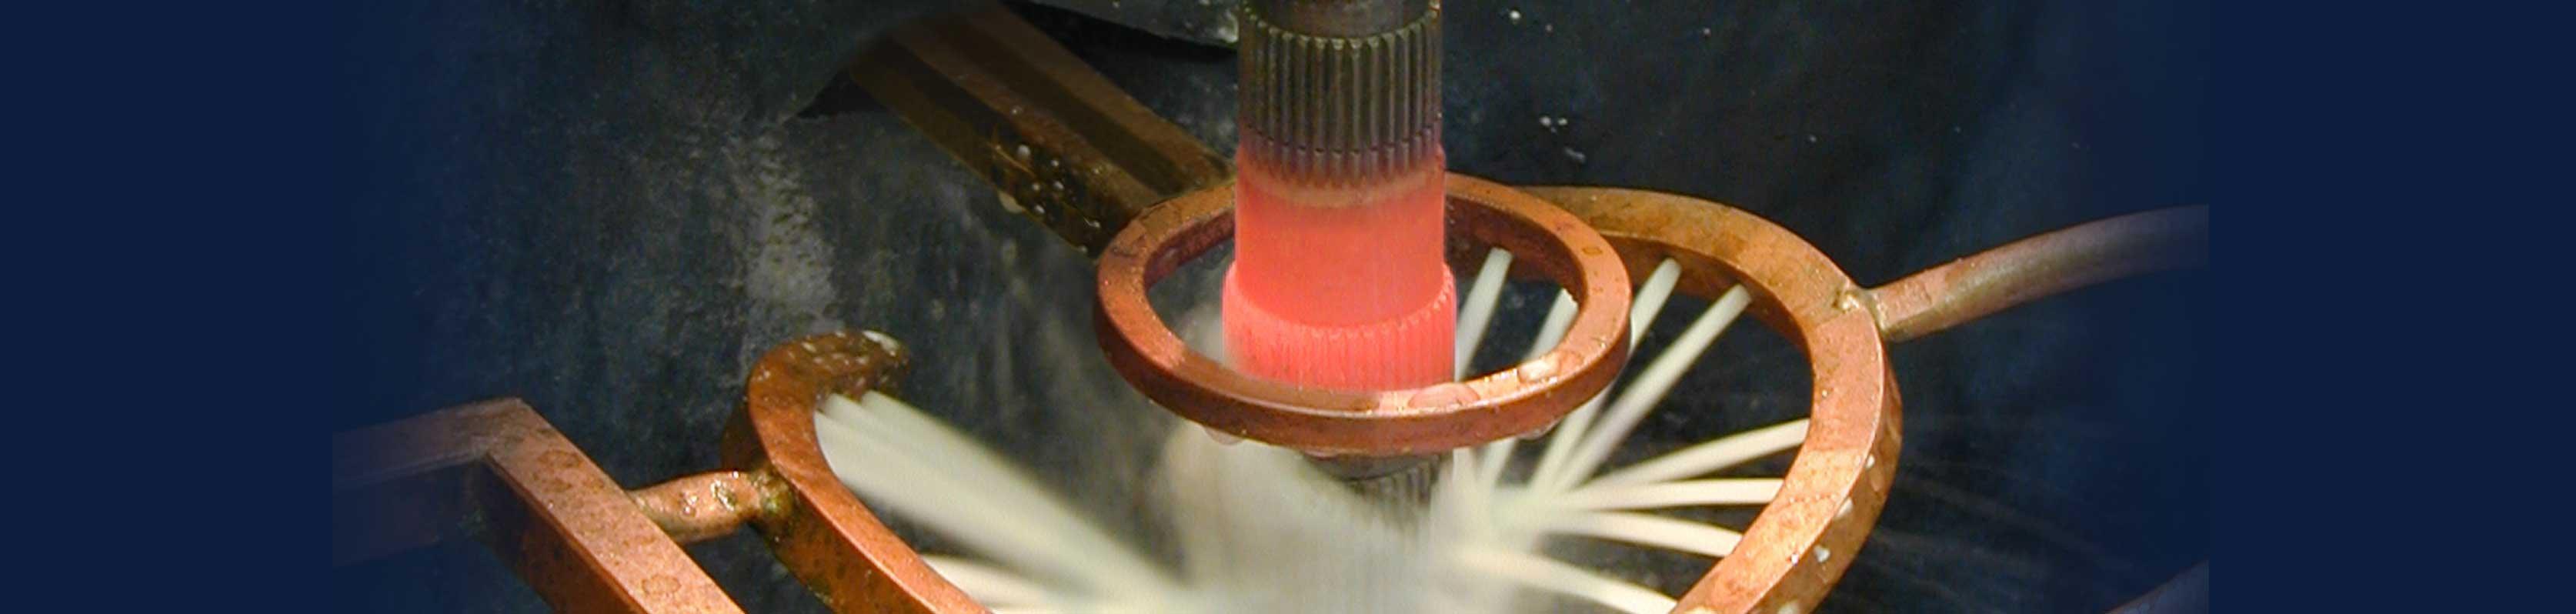 Ambrell systèmes de chauffage par induction